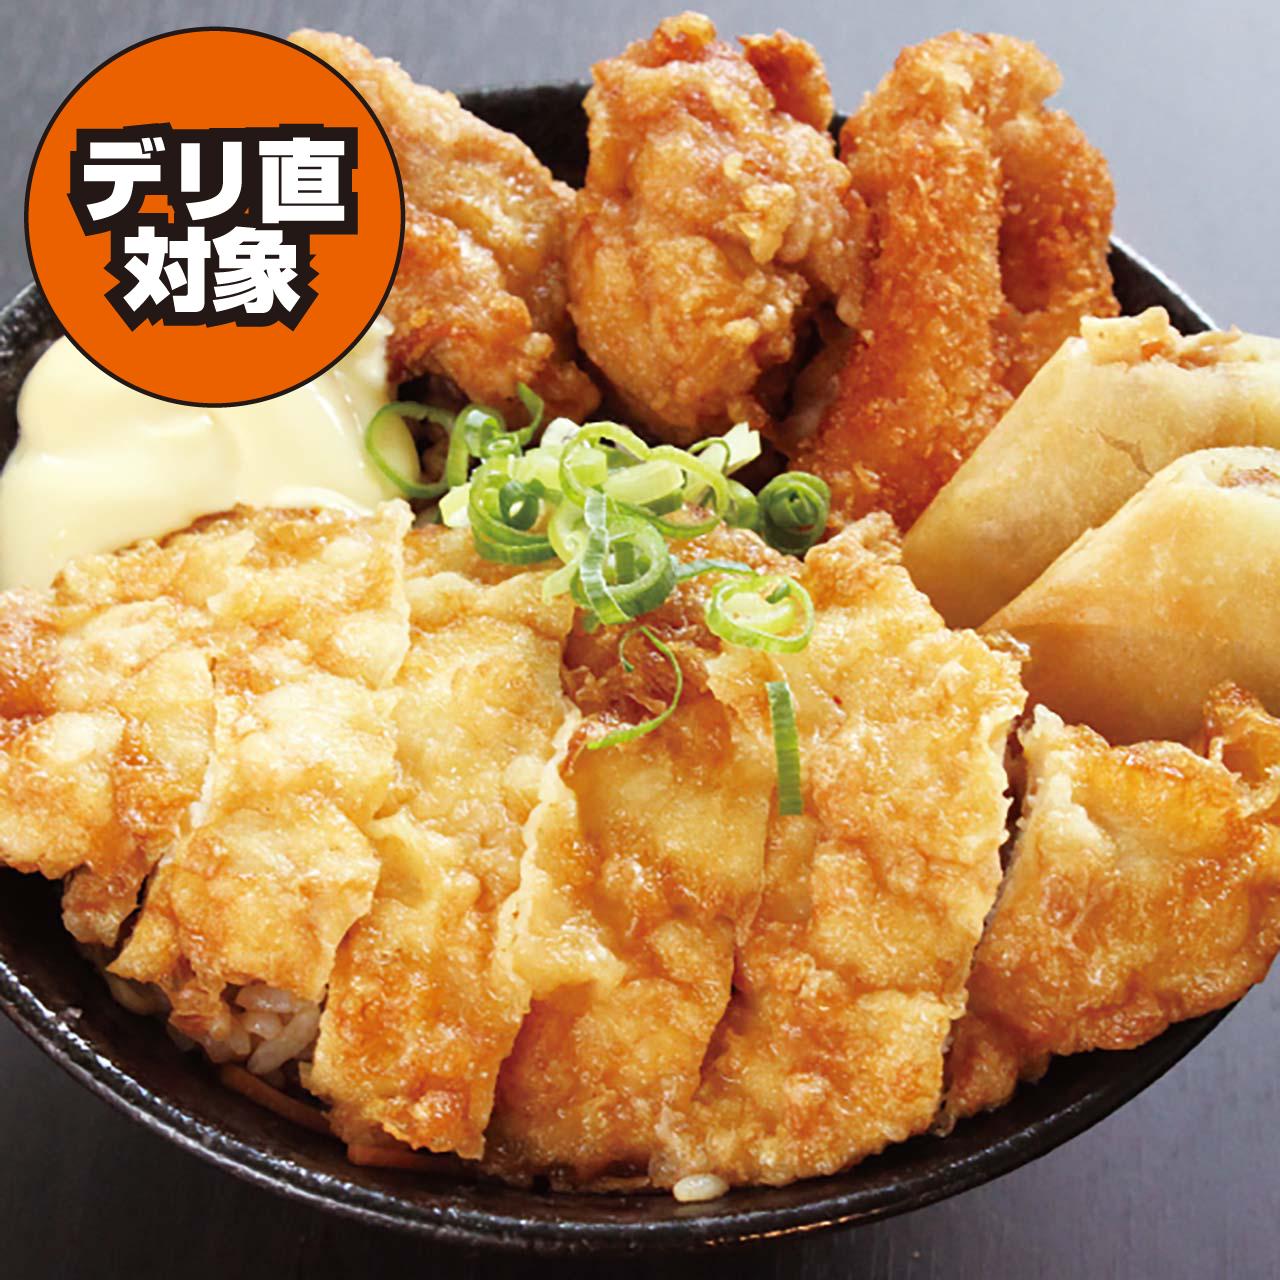 チキン南蛮丼(500)(唐揚2+コロッケ1+春巻1)